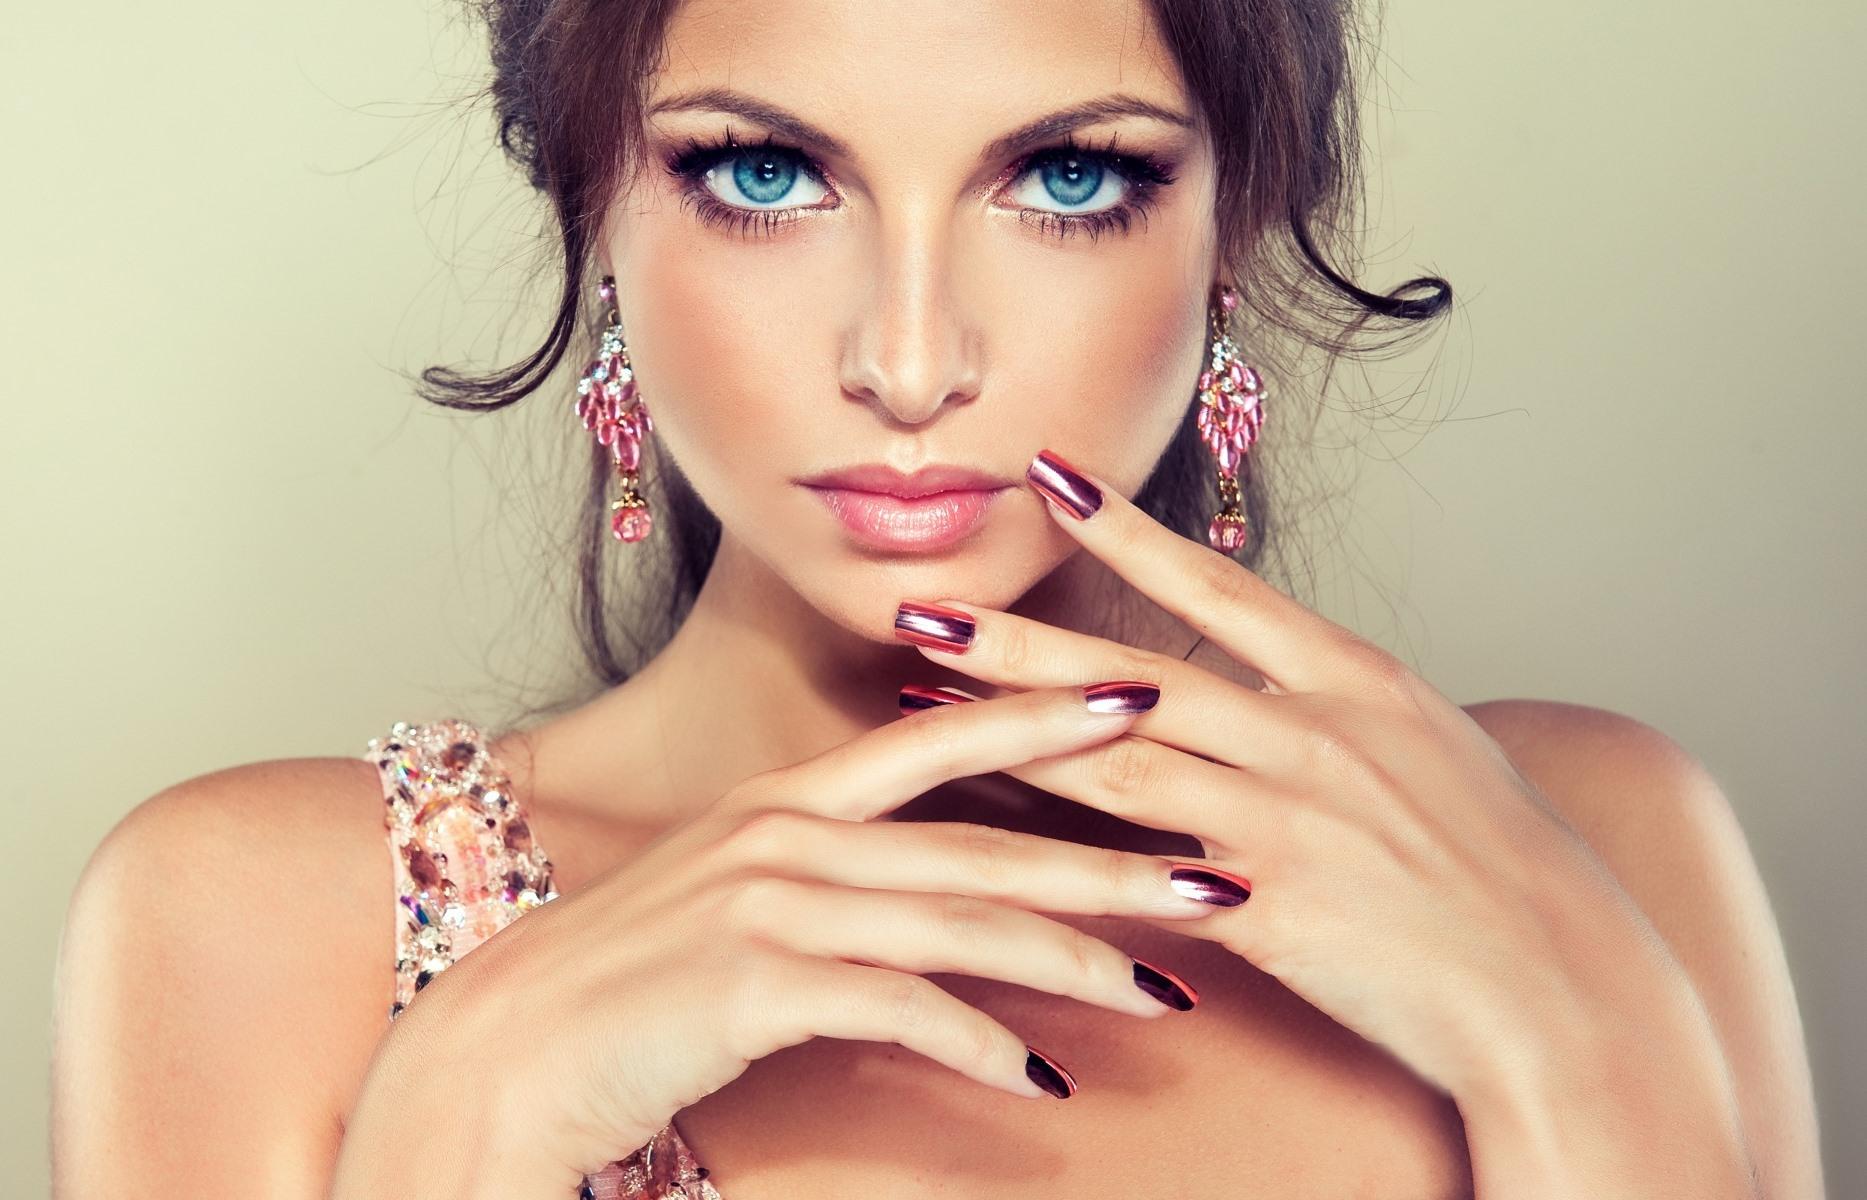 9€ από 29€ για Ημιμόνιμο Full Spa Manicure & Σχηματισμό Φρυδιών με κλωστή, στο ολοκαίνουργιο ''Le Petit Salon'' στην Αργυρούπολη εικόνα